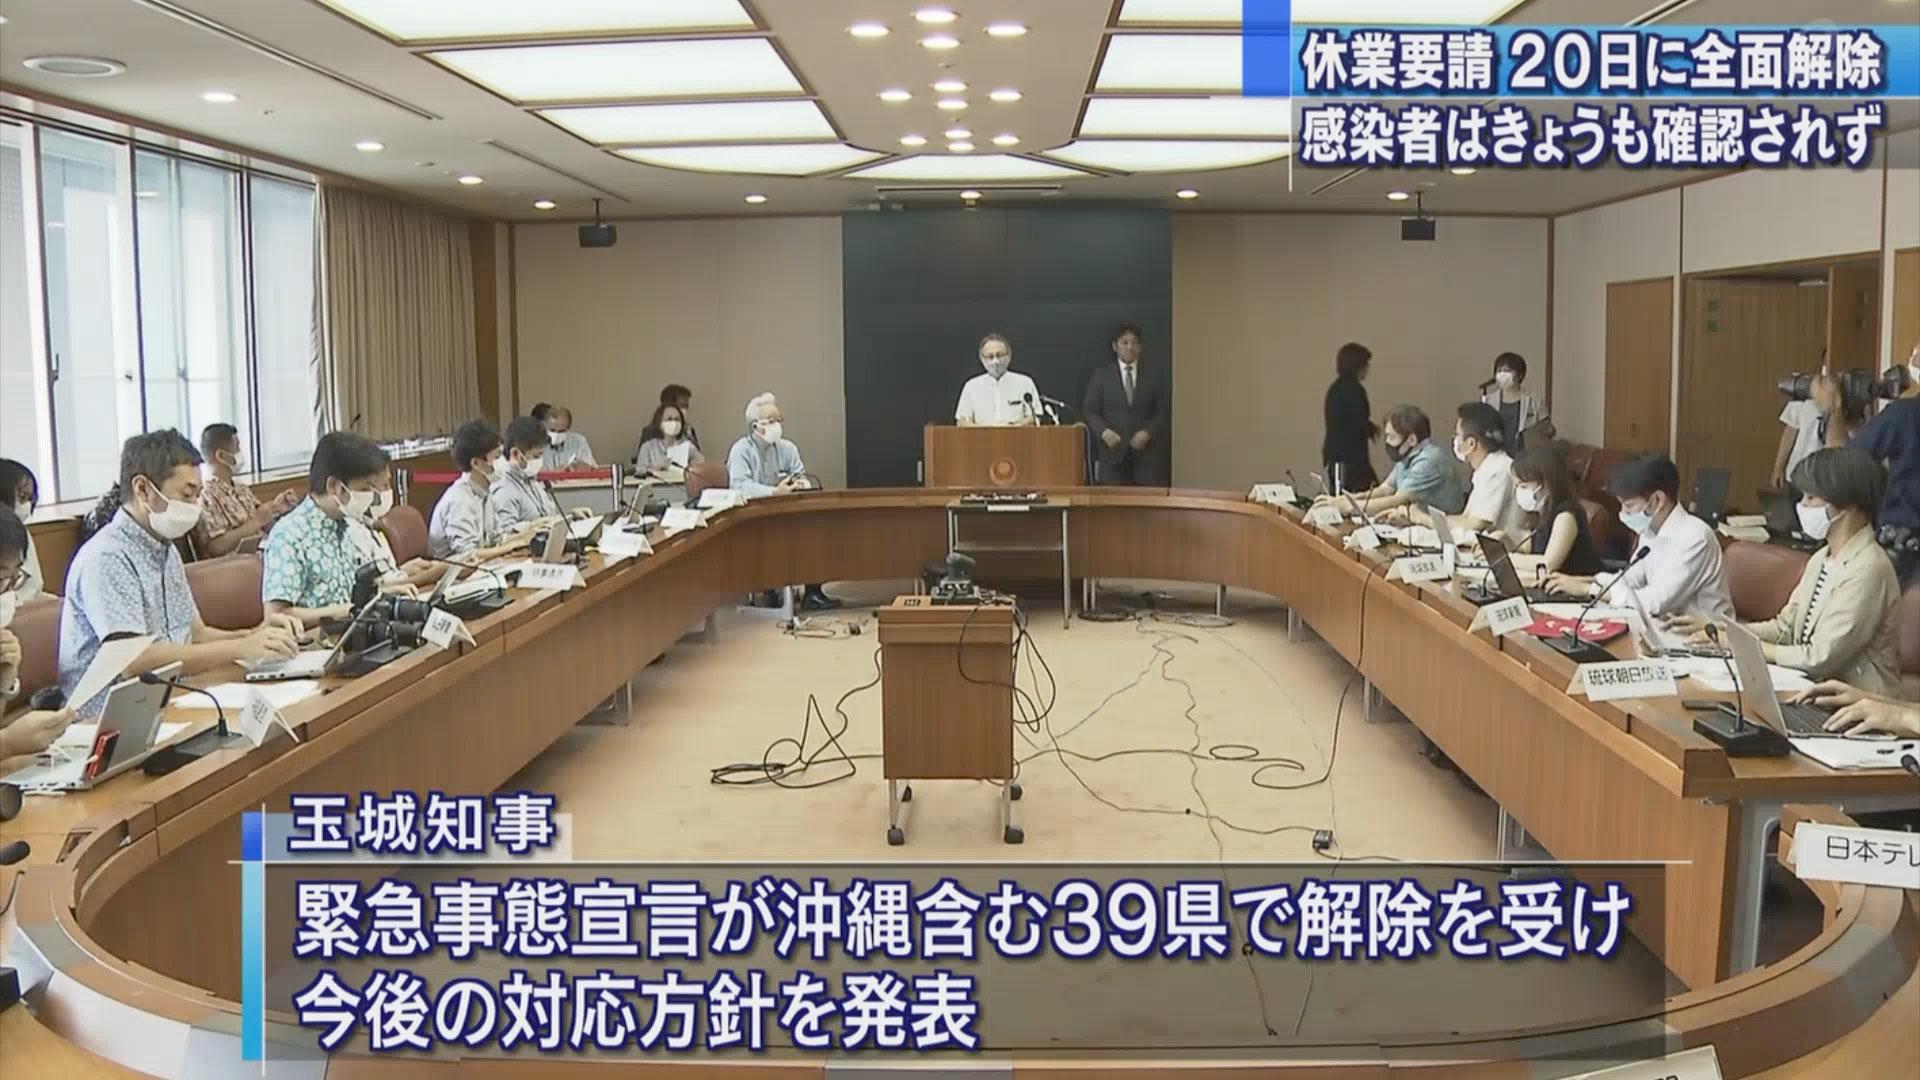 緊急事態宣言解除 県独自の方針策定